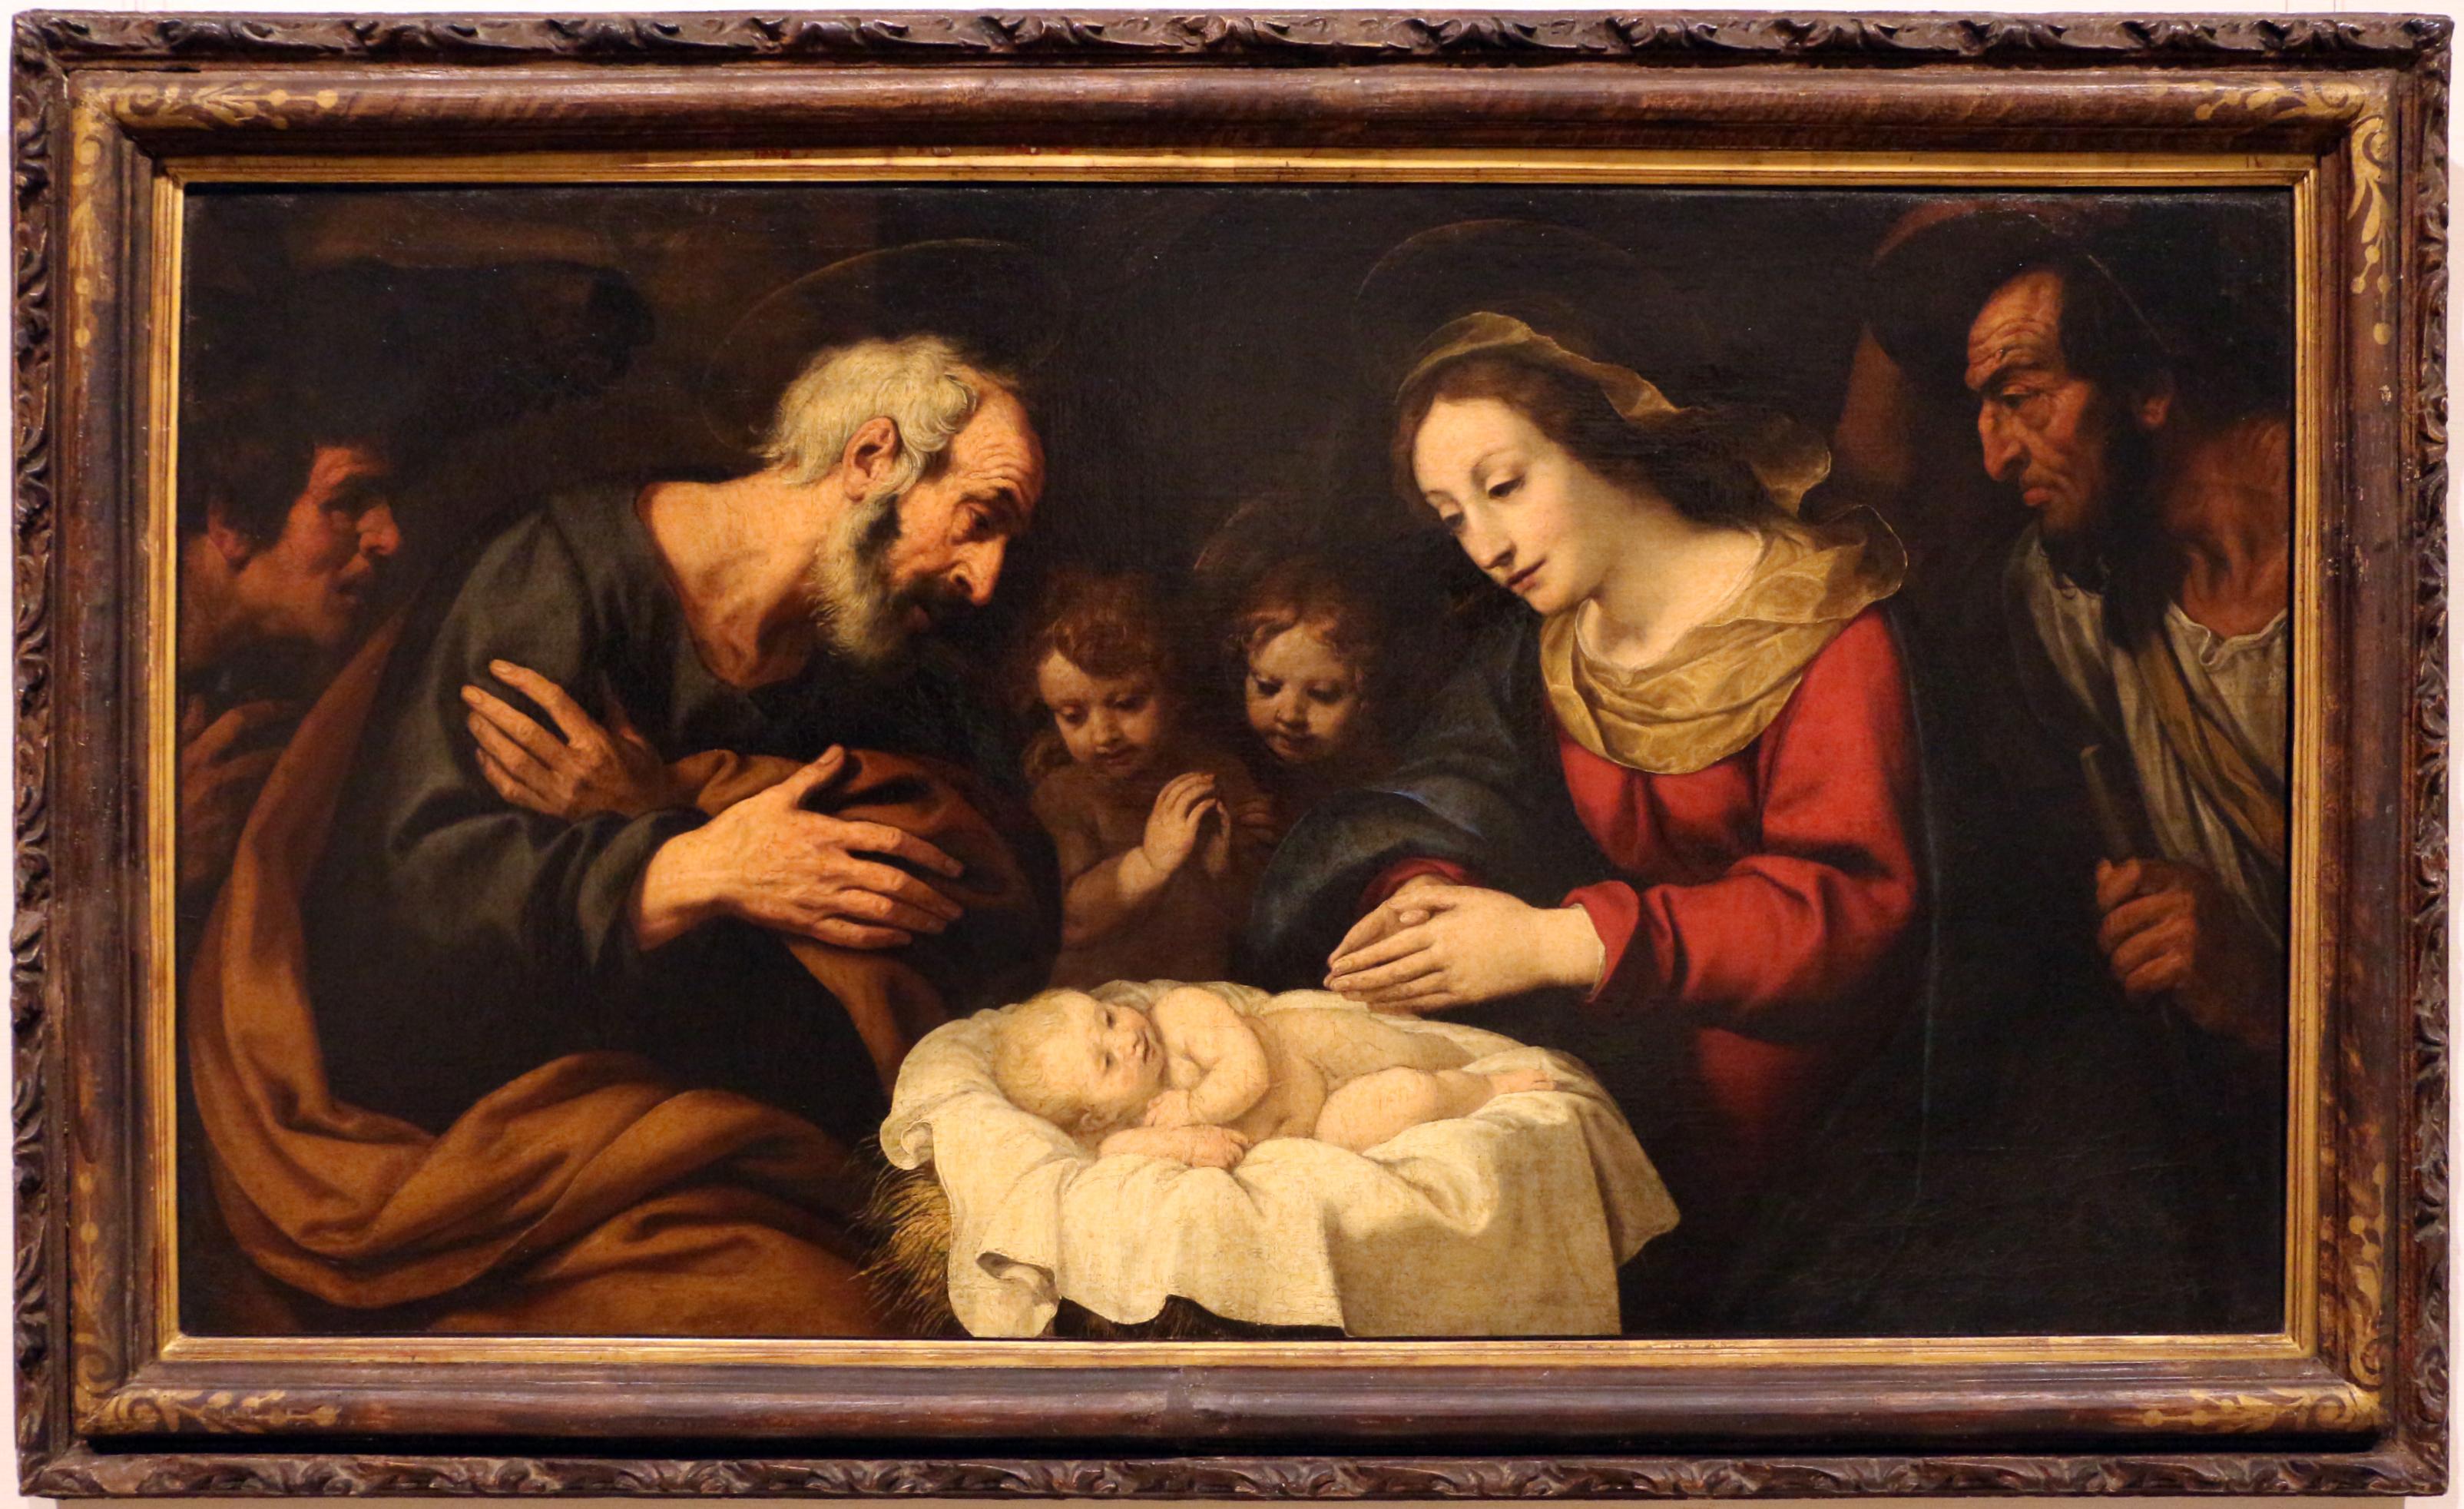 File:Daniele crespi, adorazione dei pastori, 1623-25.JPG